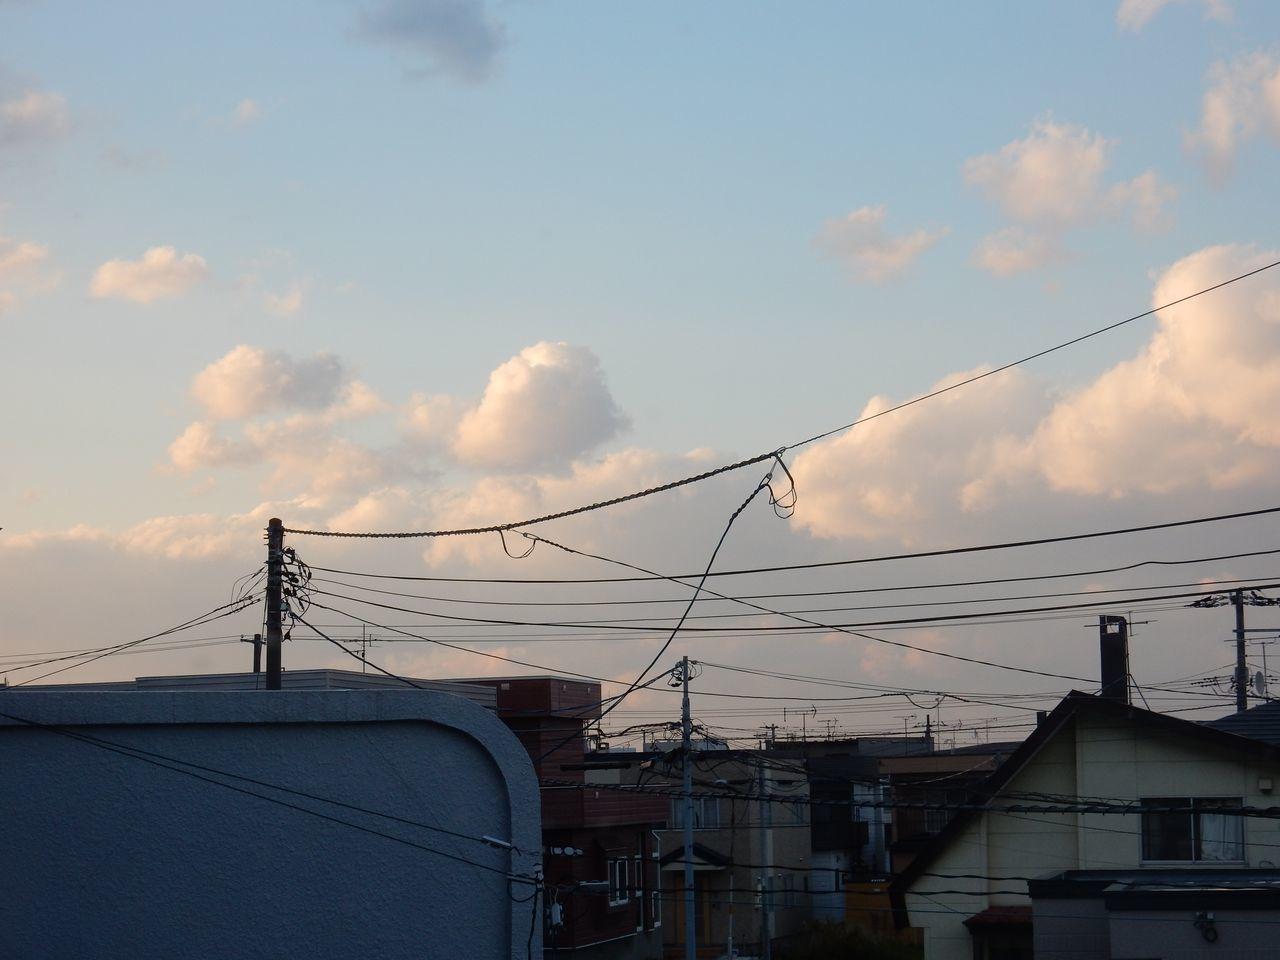 太陽は出ず、ひたすら寒い日に札幌市電子図書館にアクセス_c0025115_20382840.jpg